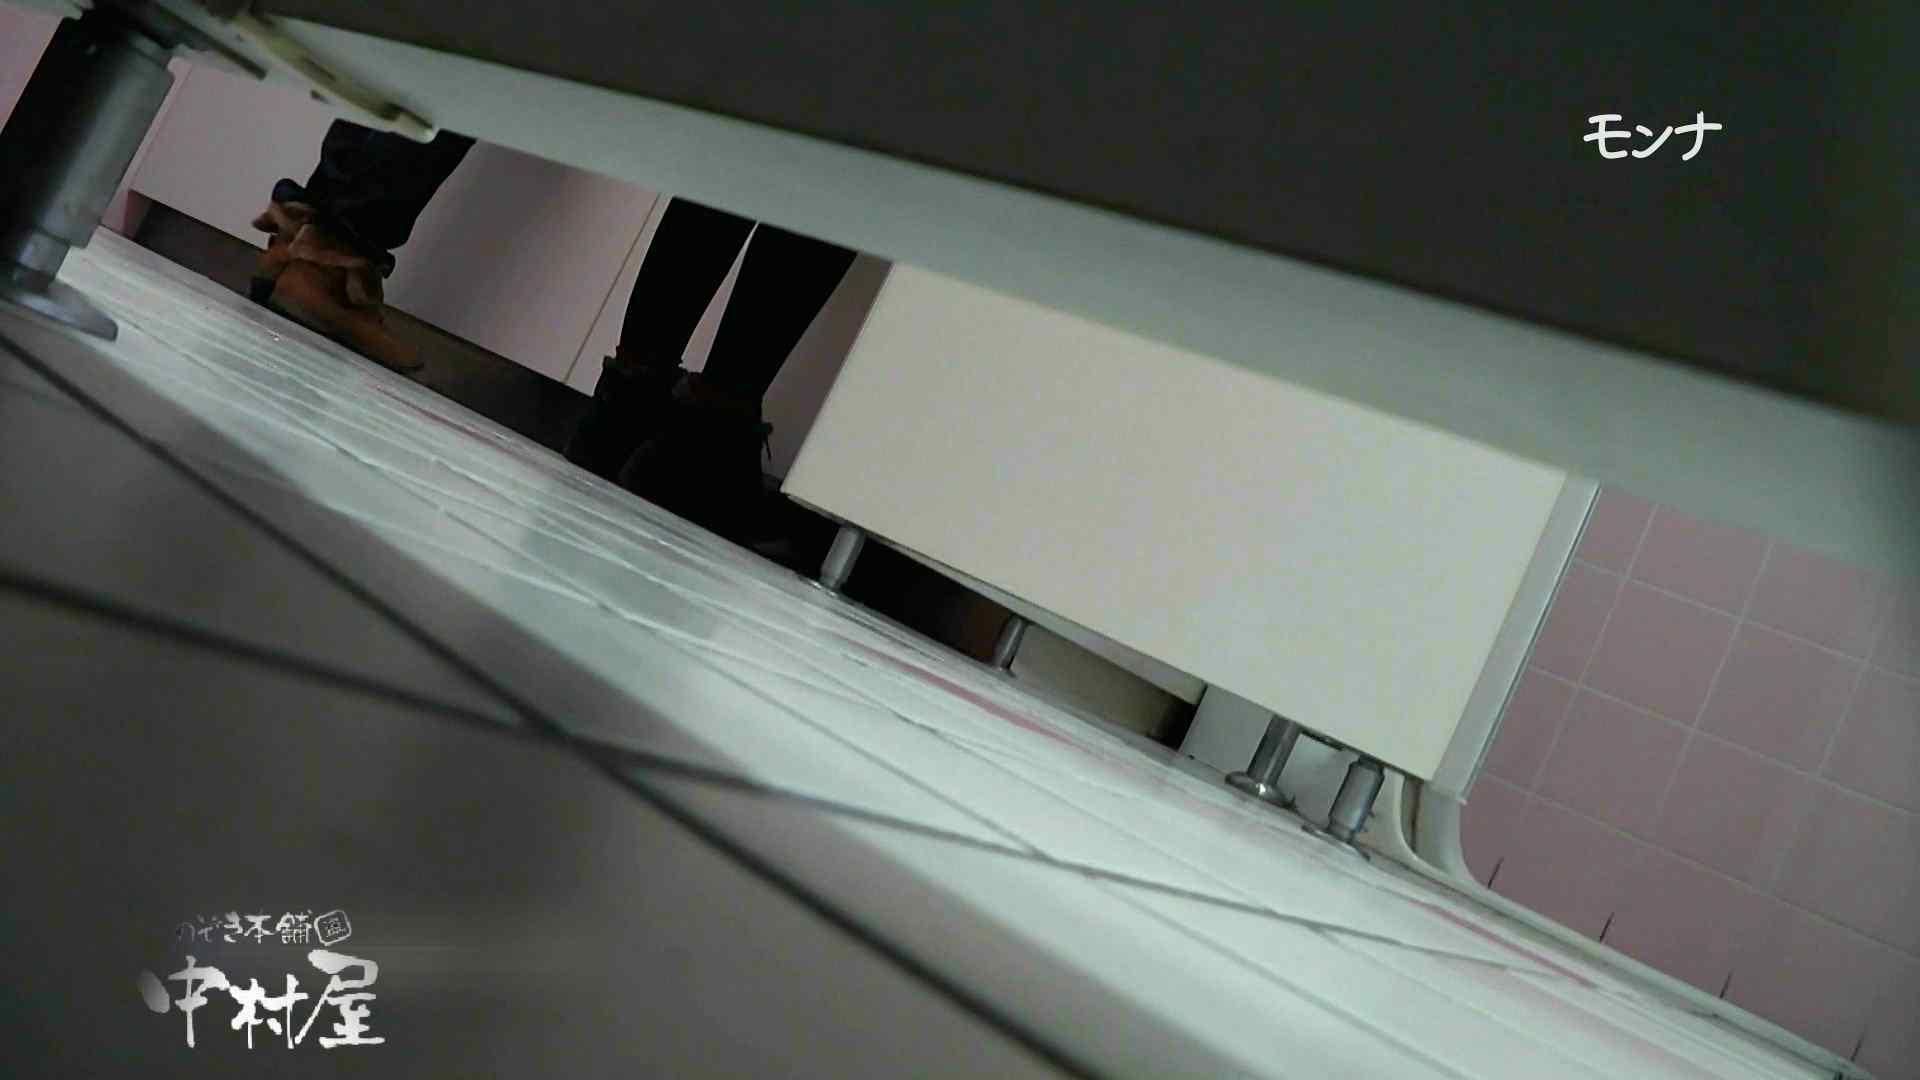 【美しい日本の未来】遂に!!戸田恵梨香似の予告モデル登場ダッシュで「大」後編 Hなモデル  105pic 98